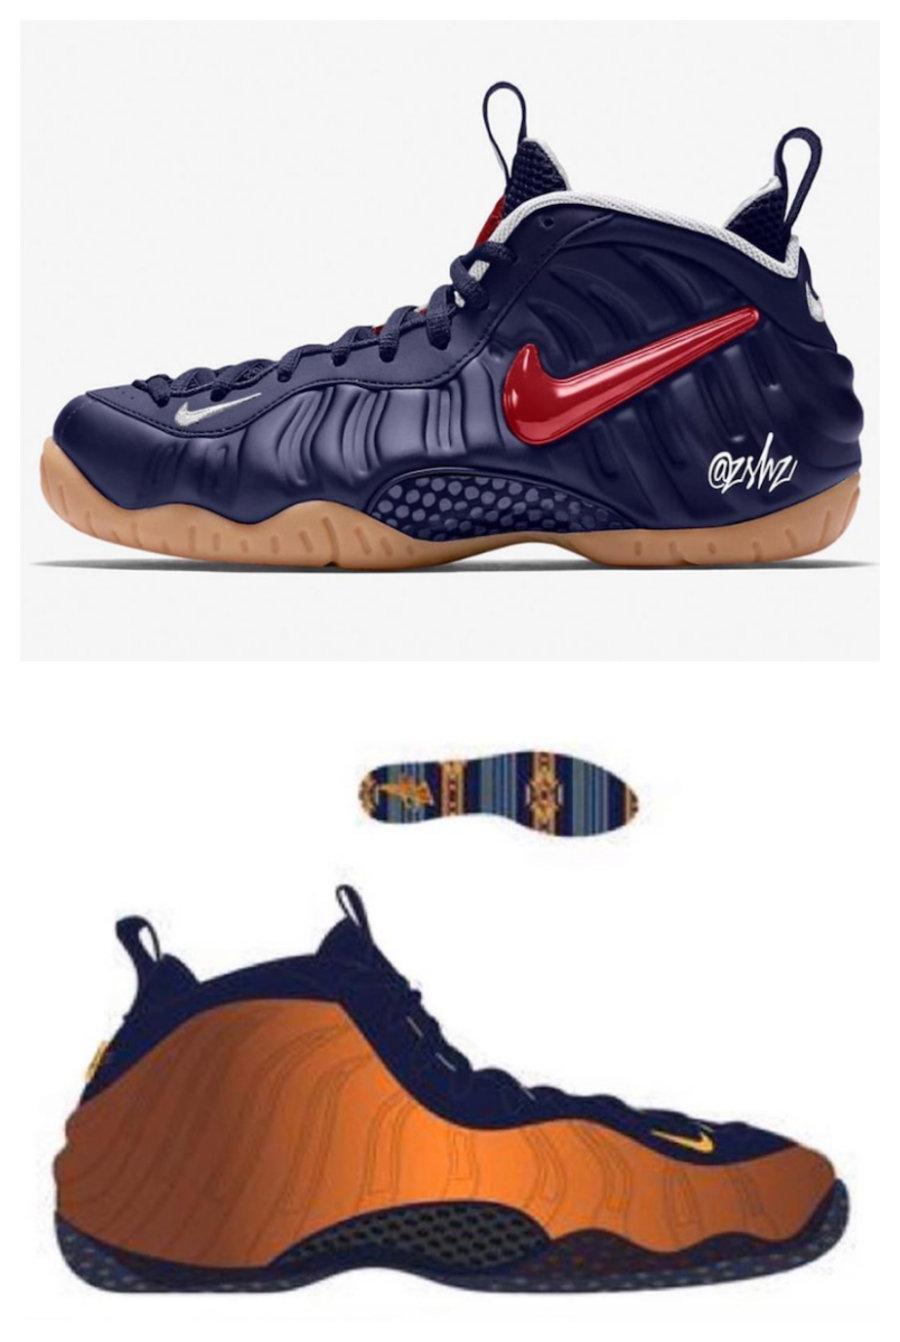 梦之队配色?两款 莆田鞋Nike 喷、泡新品即将发售!